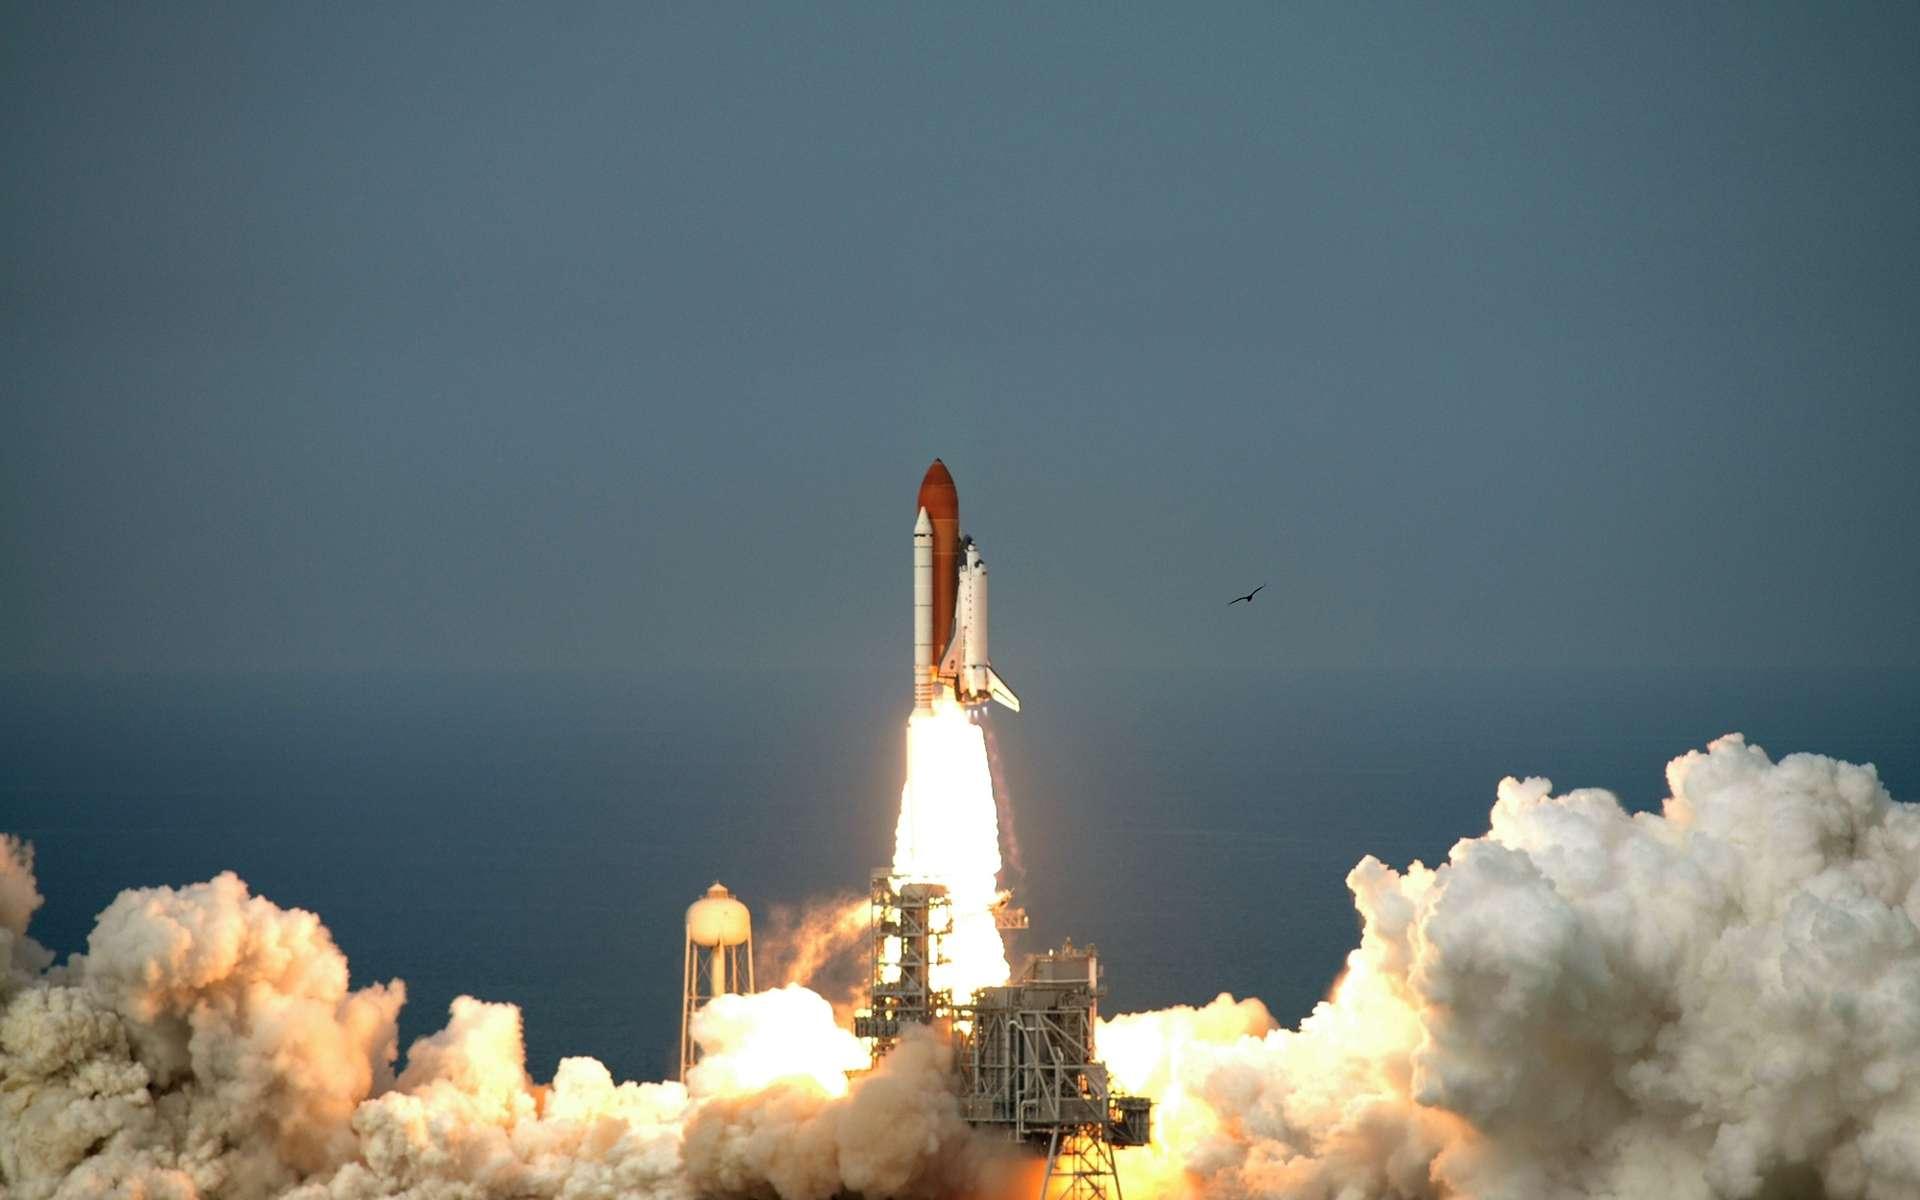 Endeavour, mercredi 15 juillet à 18 h 03 locale (22 h 03 TU), emporte sept astronautes et le dernier élément du module japonais Kibo, pour la mission STS-127. © Nasa